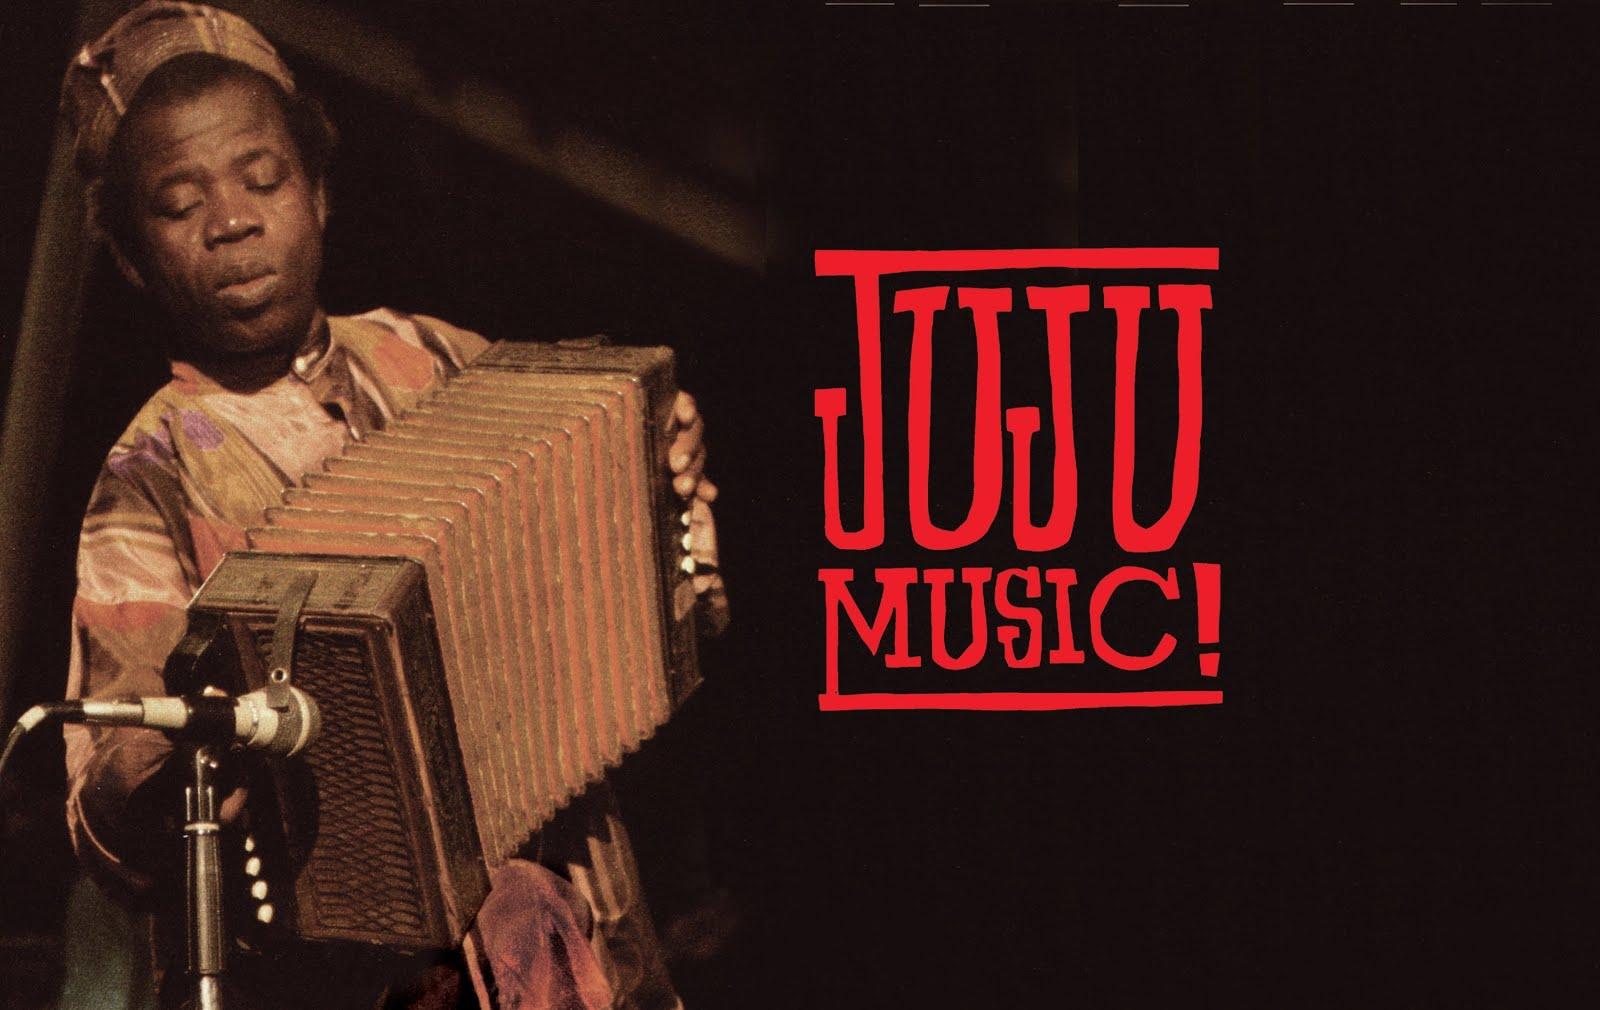 Afro juju musicians in nigeria africa